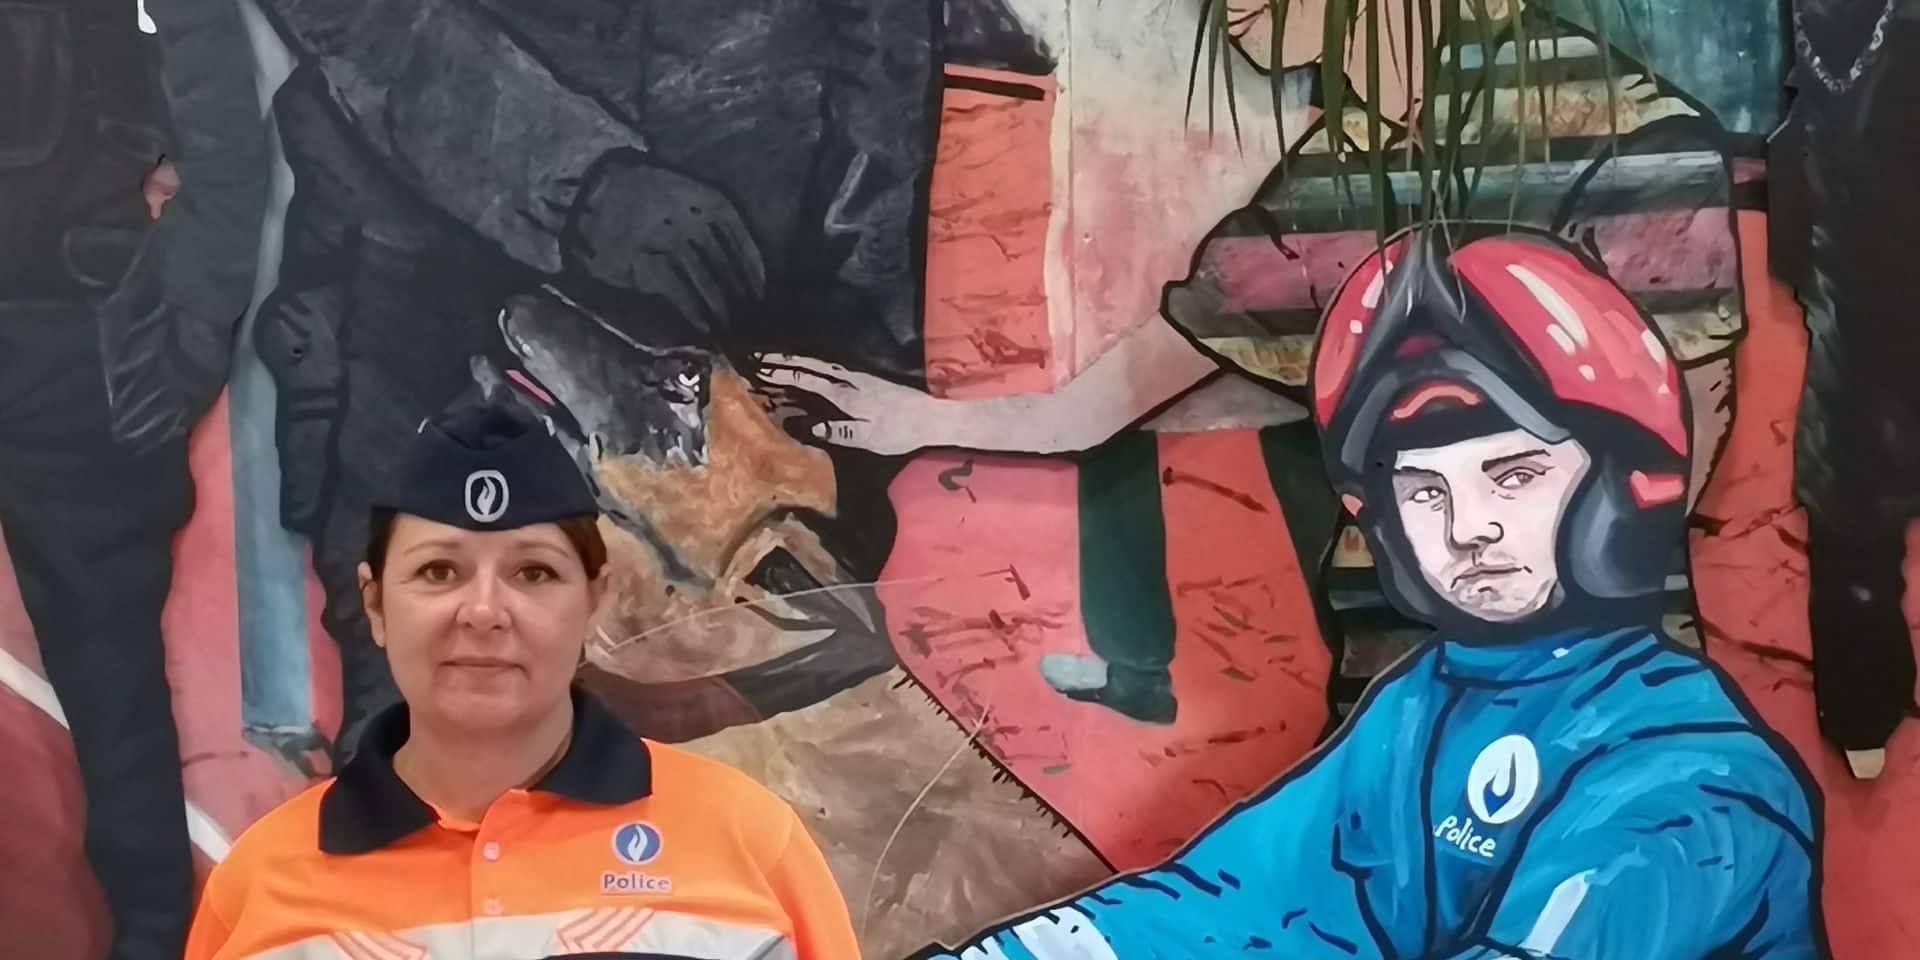 """Karin représentera la police ce 21 juillet: """"Je suis flattée mais c'est un travail d'équipe"""""""